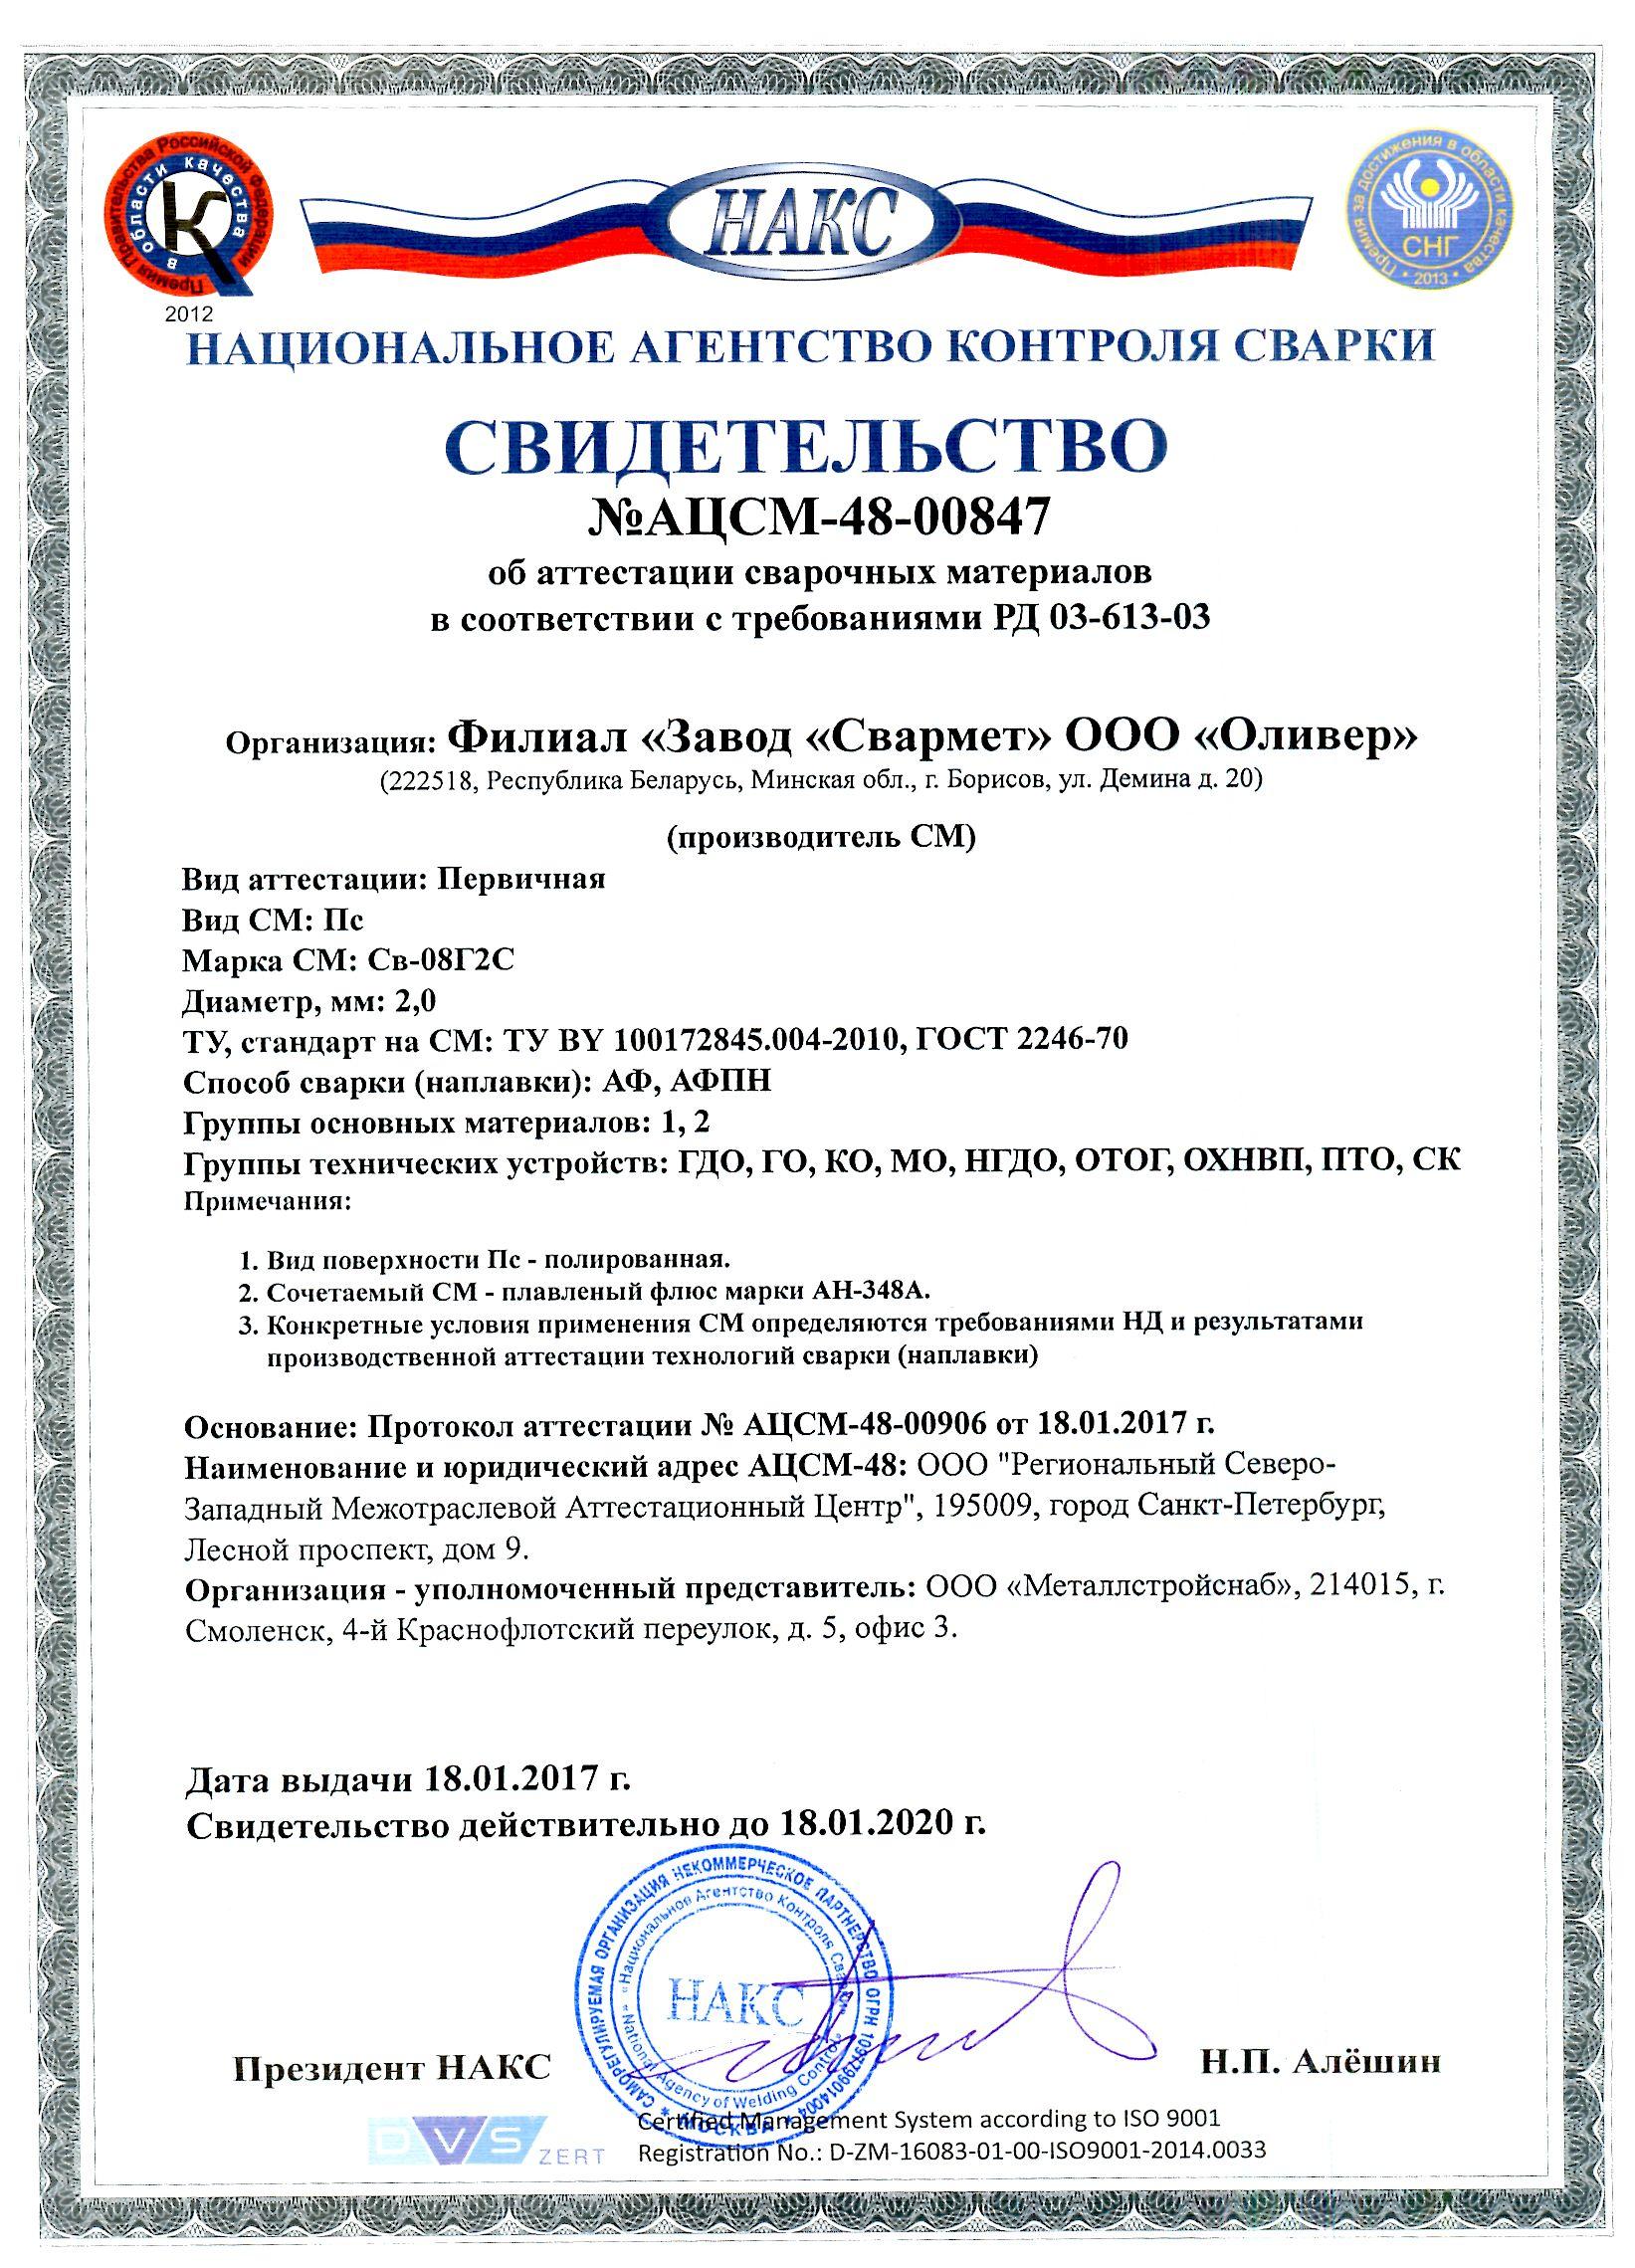 Поиск аттестованных сварщиков в реестре национального агентства контроля сварки (накс): подробная инструкция